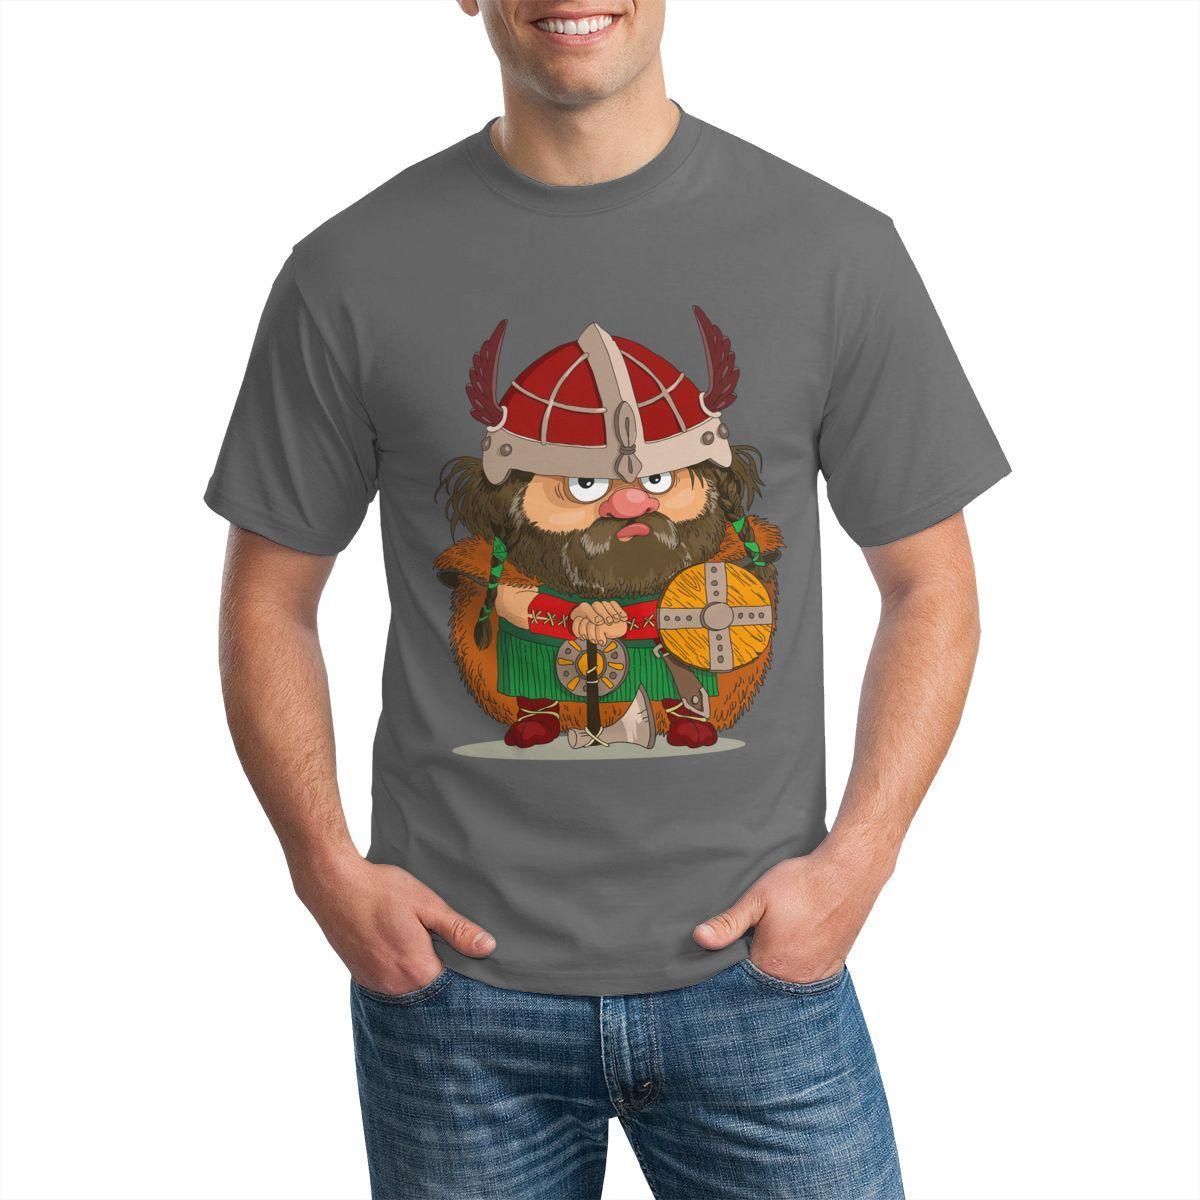 2021 여름 남성 T 셔츠 디자인 스트리트 스타일 인쇄 남성 가로복 티셔츠 O 넥 스웨터 화이트